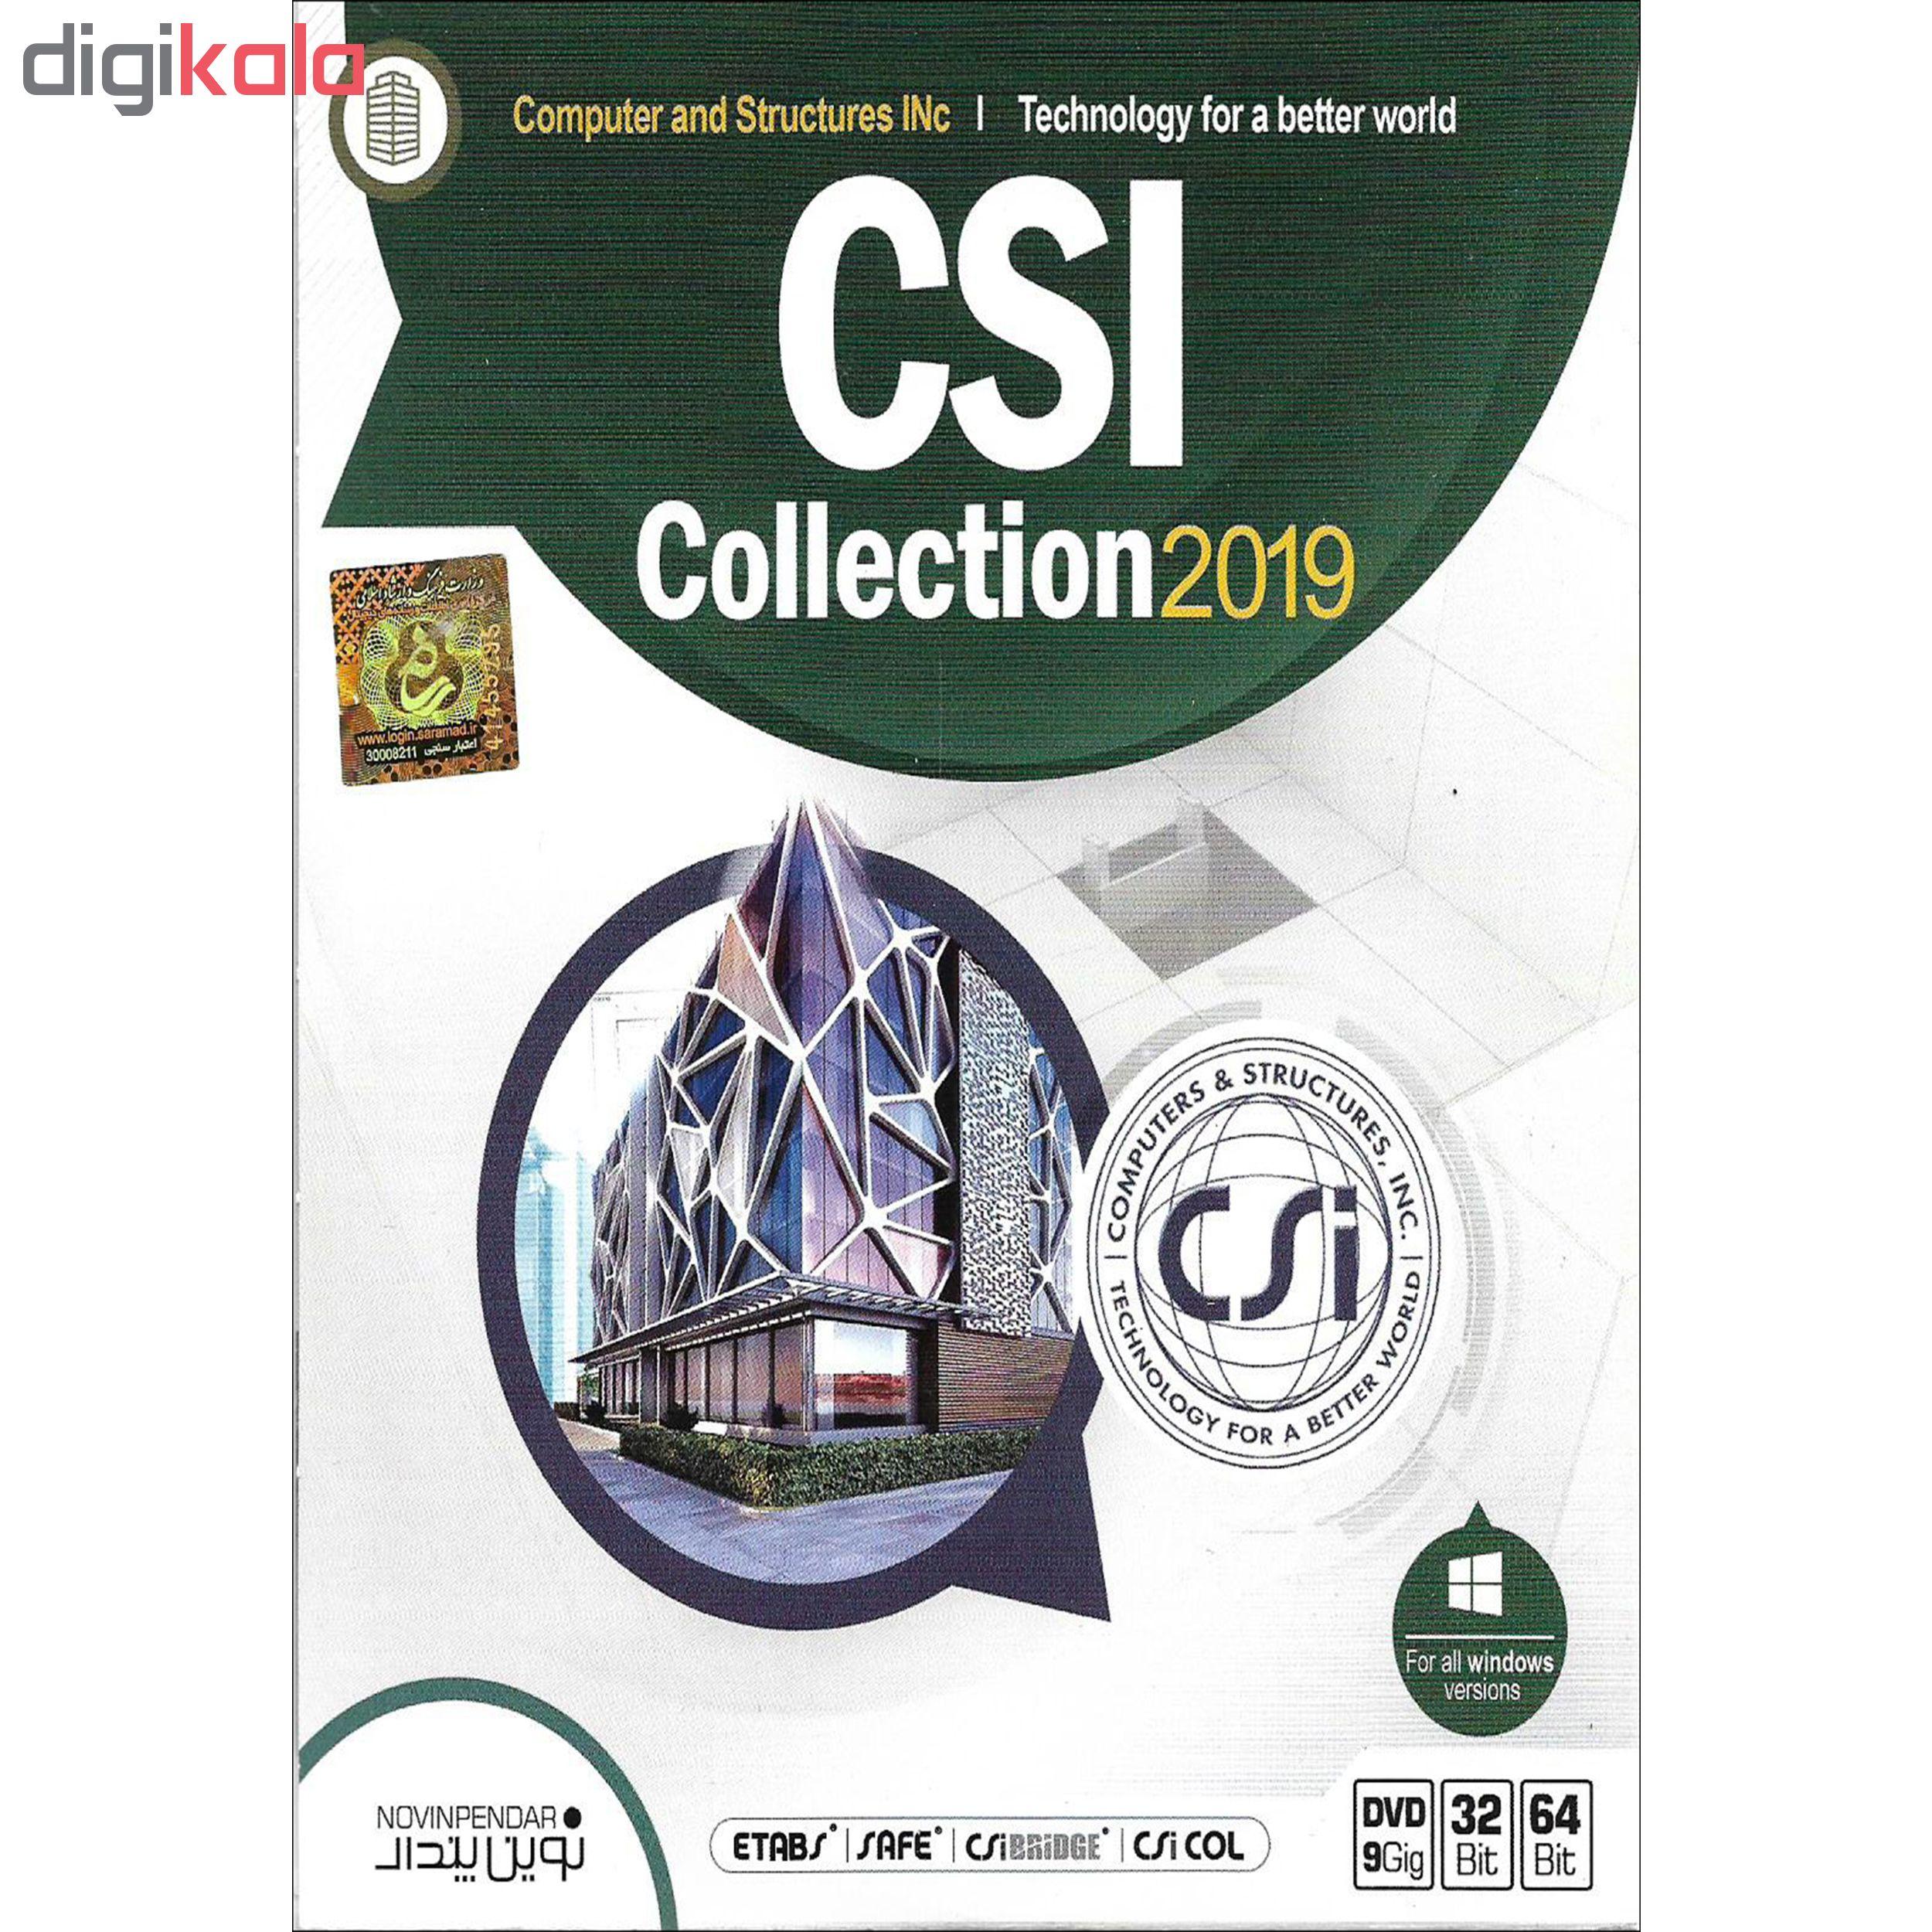 نرم افزار آموزش ETABS نشر پدیده به همراه نرم افزار CSI Collection 2019 نشر نوین پندار